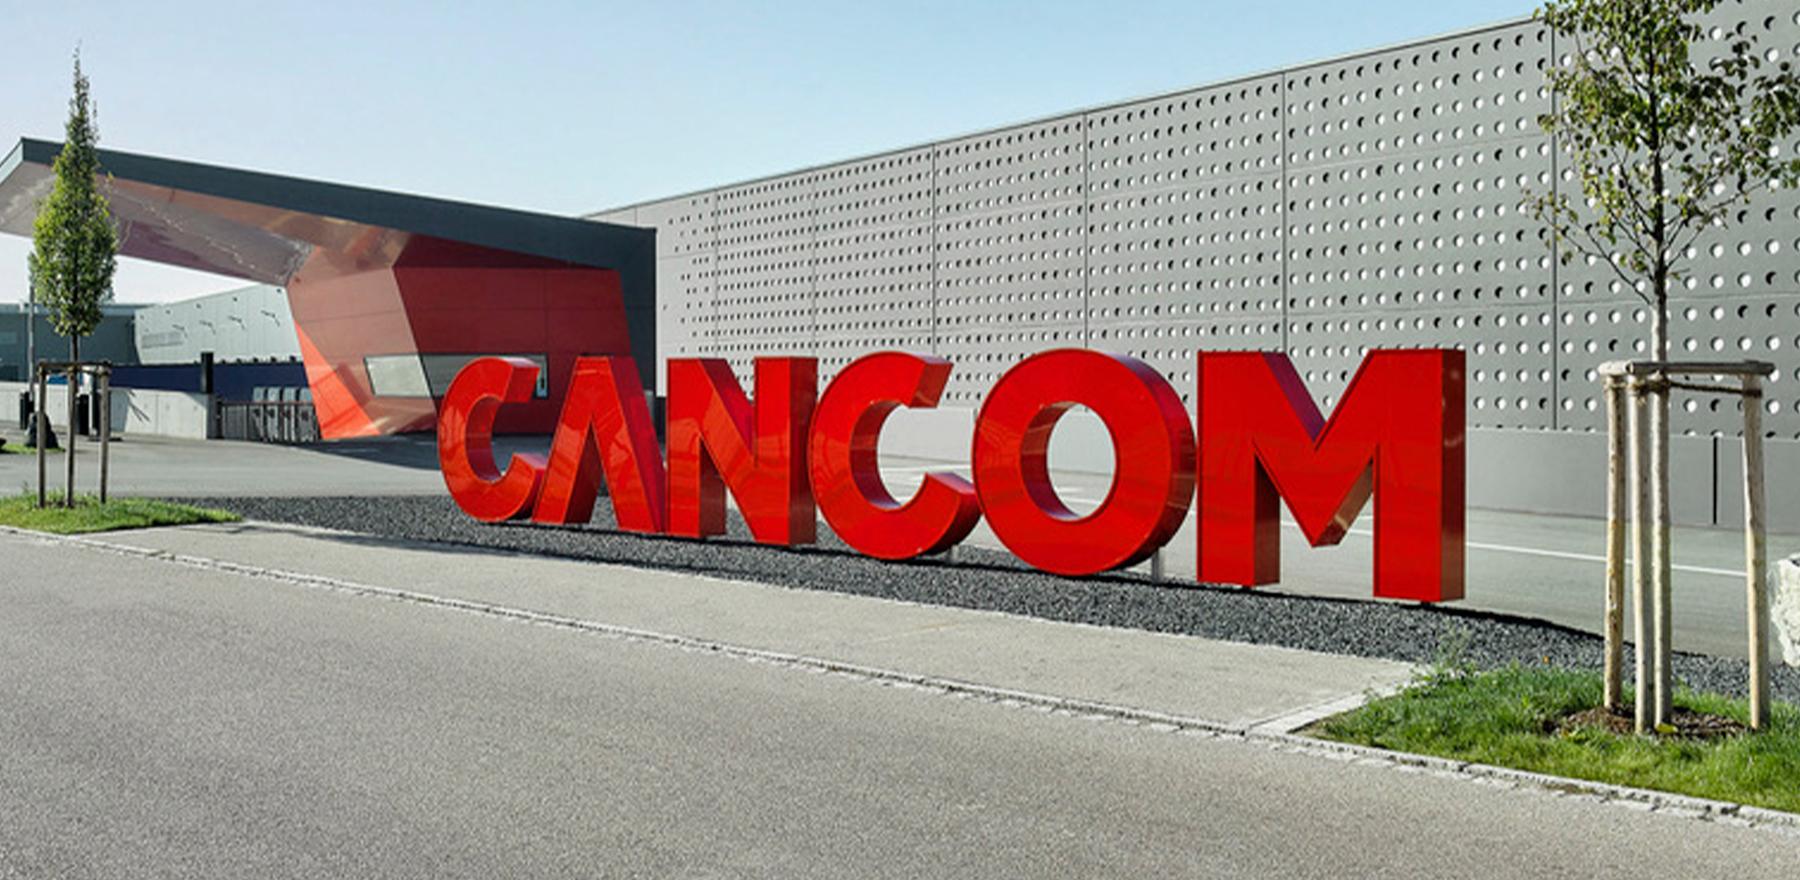 Telefónica Tech adquiere Cancom UK&I para consolidar su liderazgo en cloud y servicios digitales en Europa